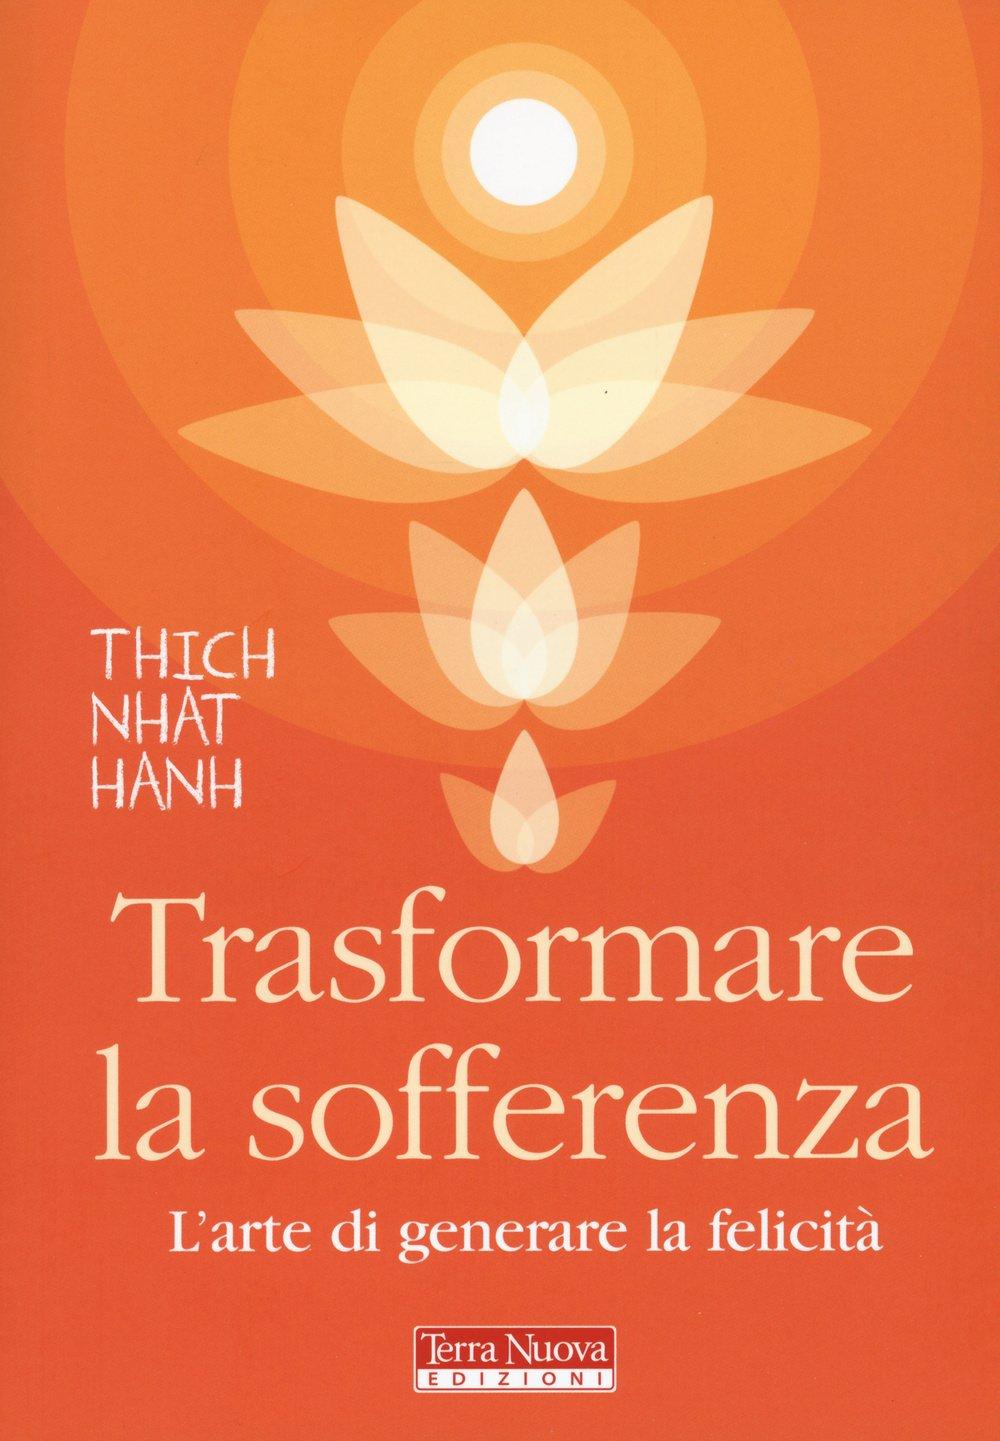 Trasformare la sofferenza. L'arte di generare felicità Copertina flessibile – 12 nov 2015 Thich Nhat Hanh M. Pochettino D. Petech Terra Nuova Edizioni